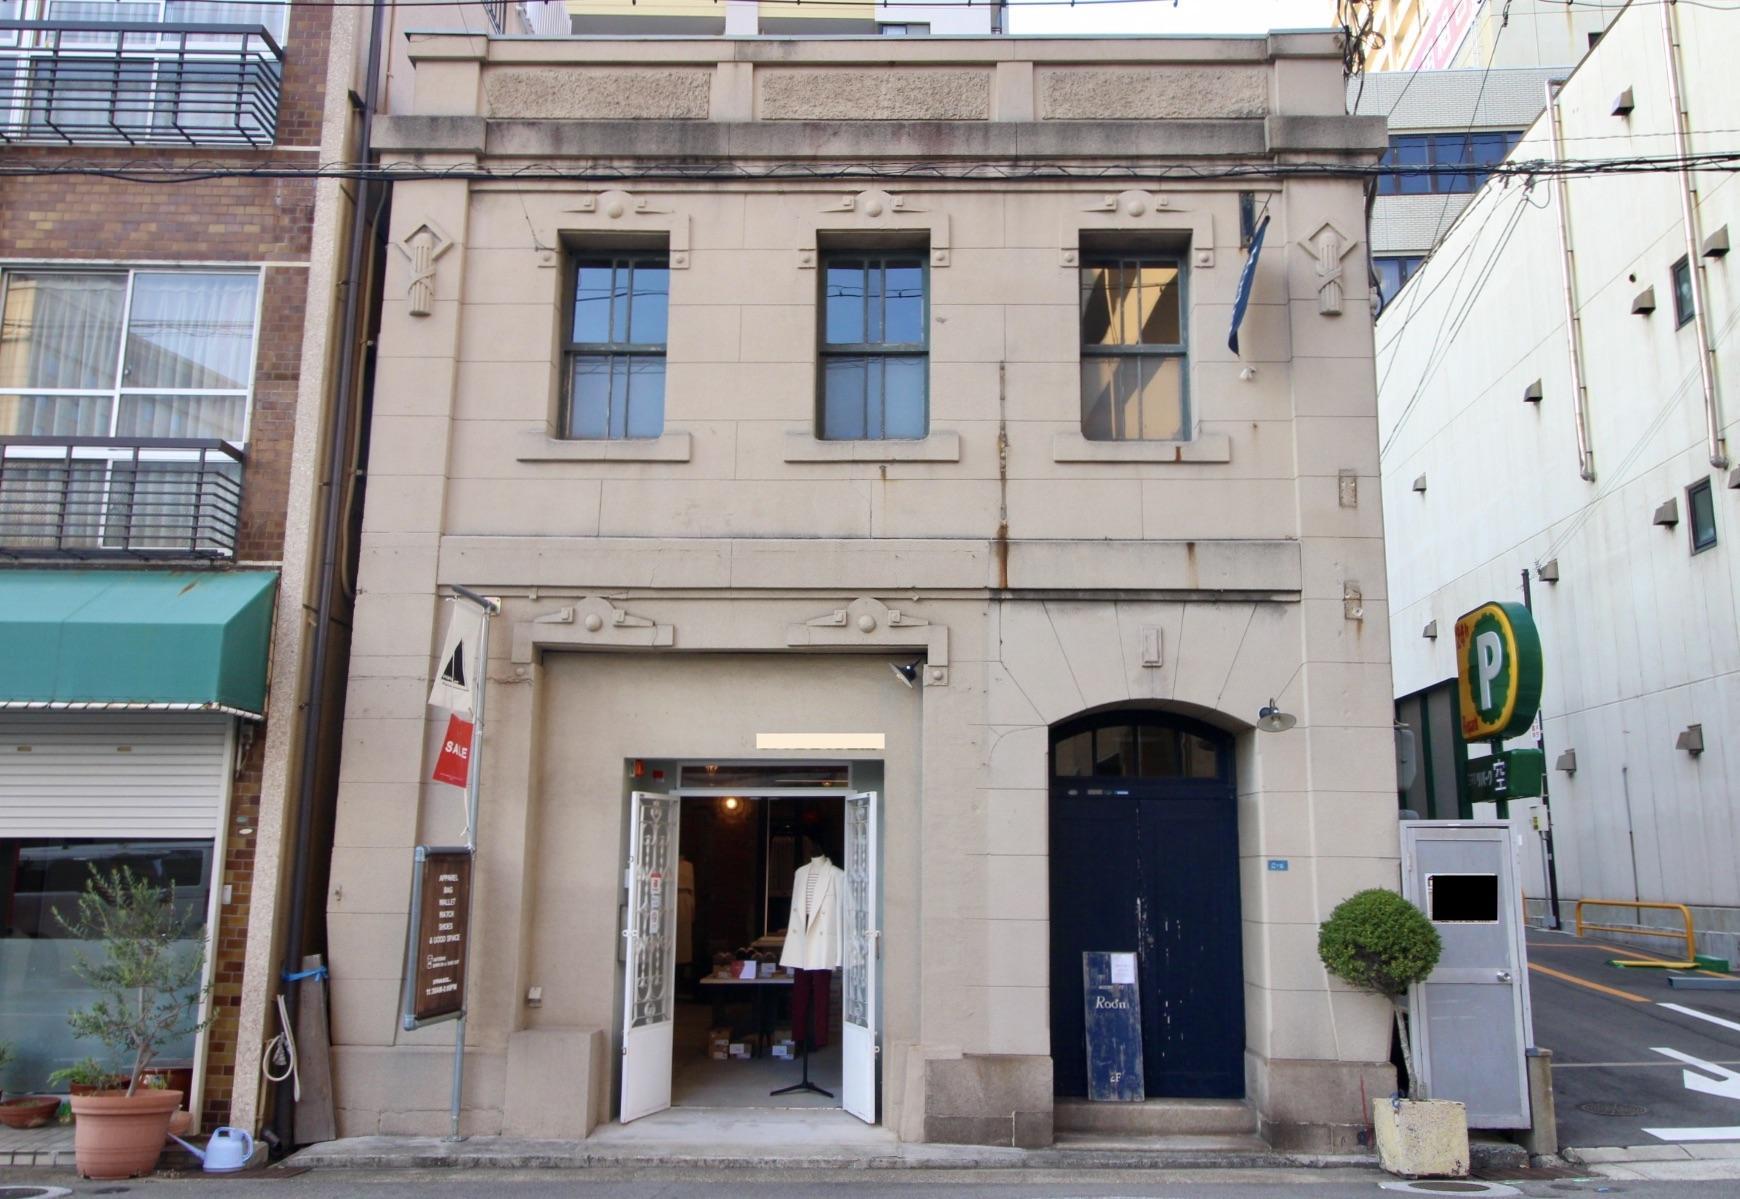 麗しき近代建築 (神戸市中央区栄町通の物件) - 神戸R不動産